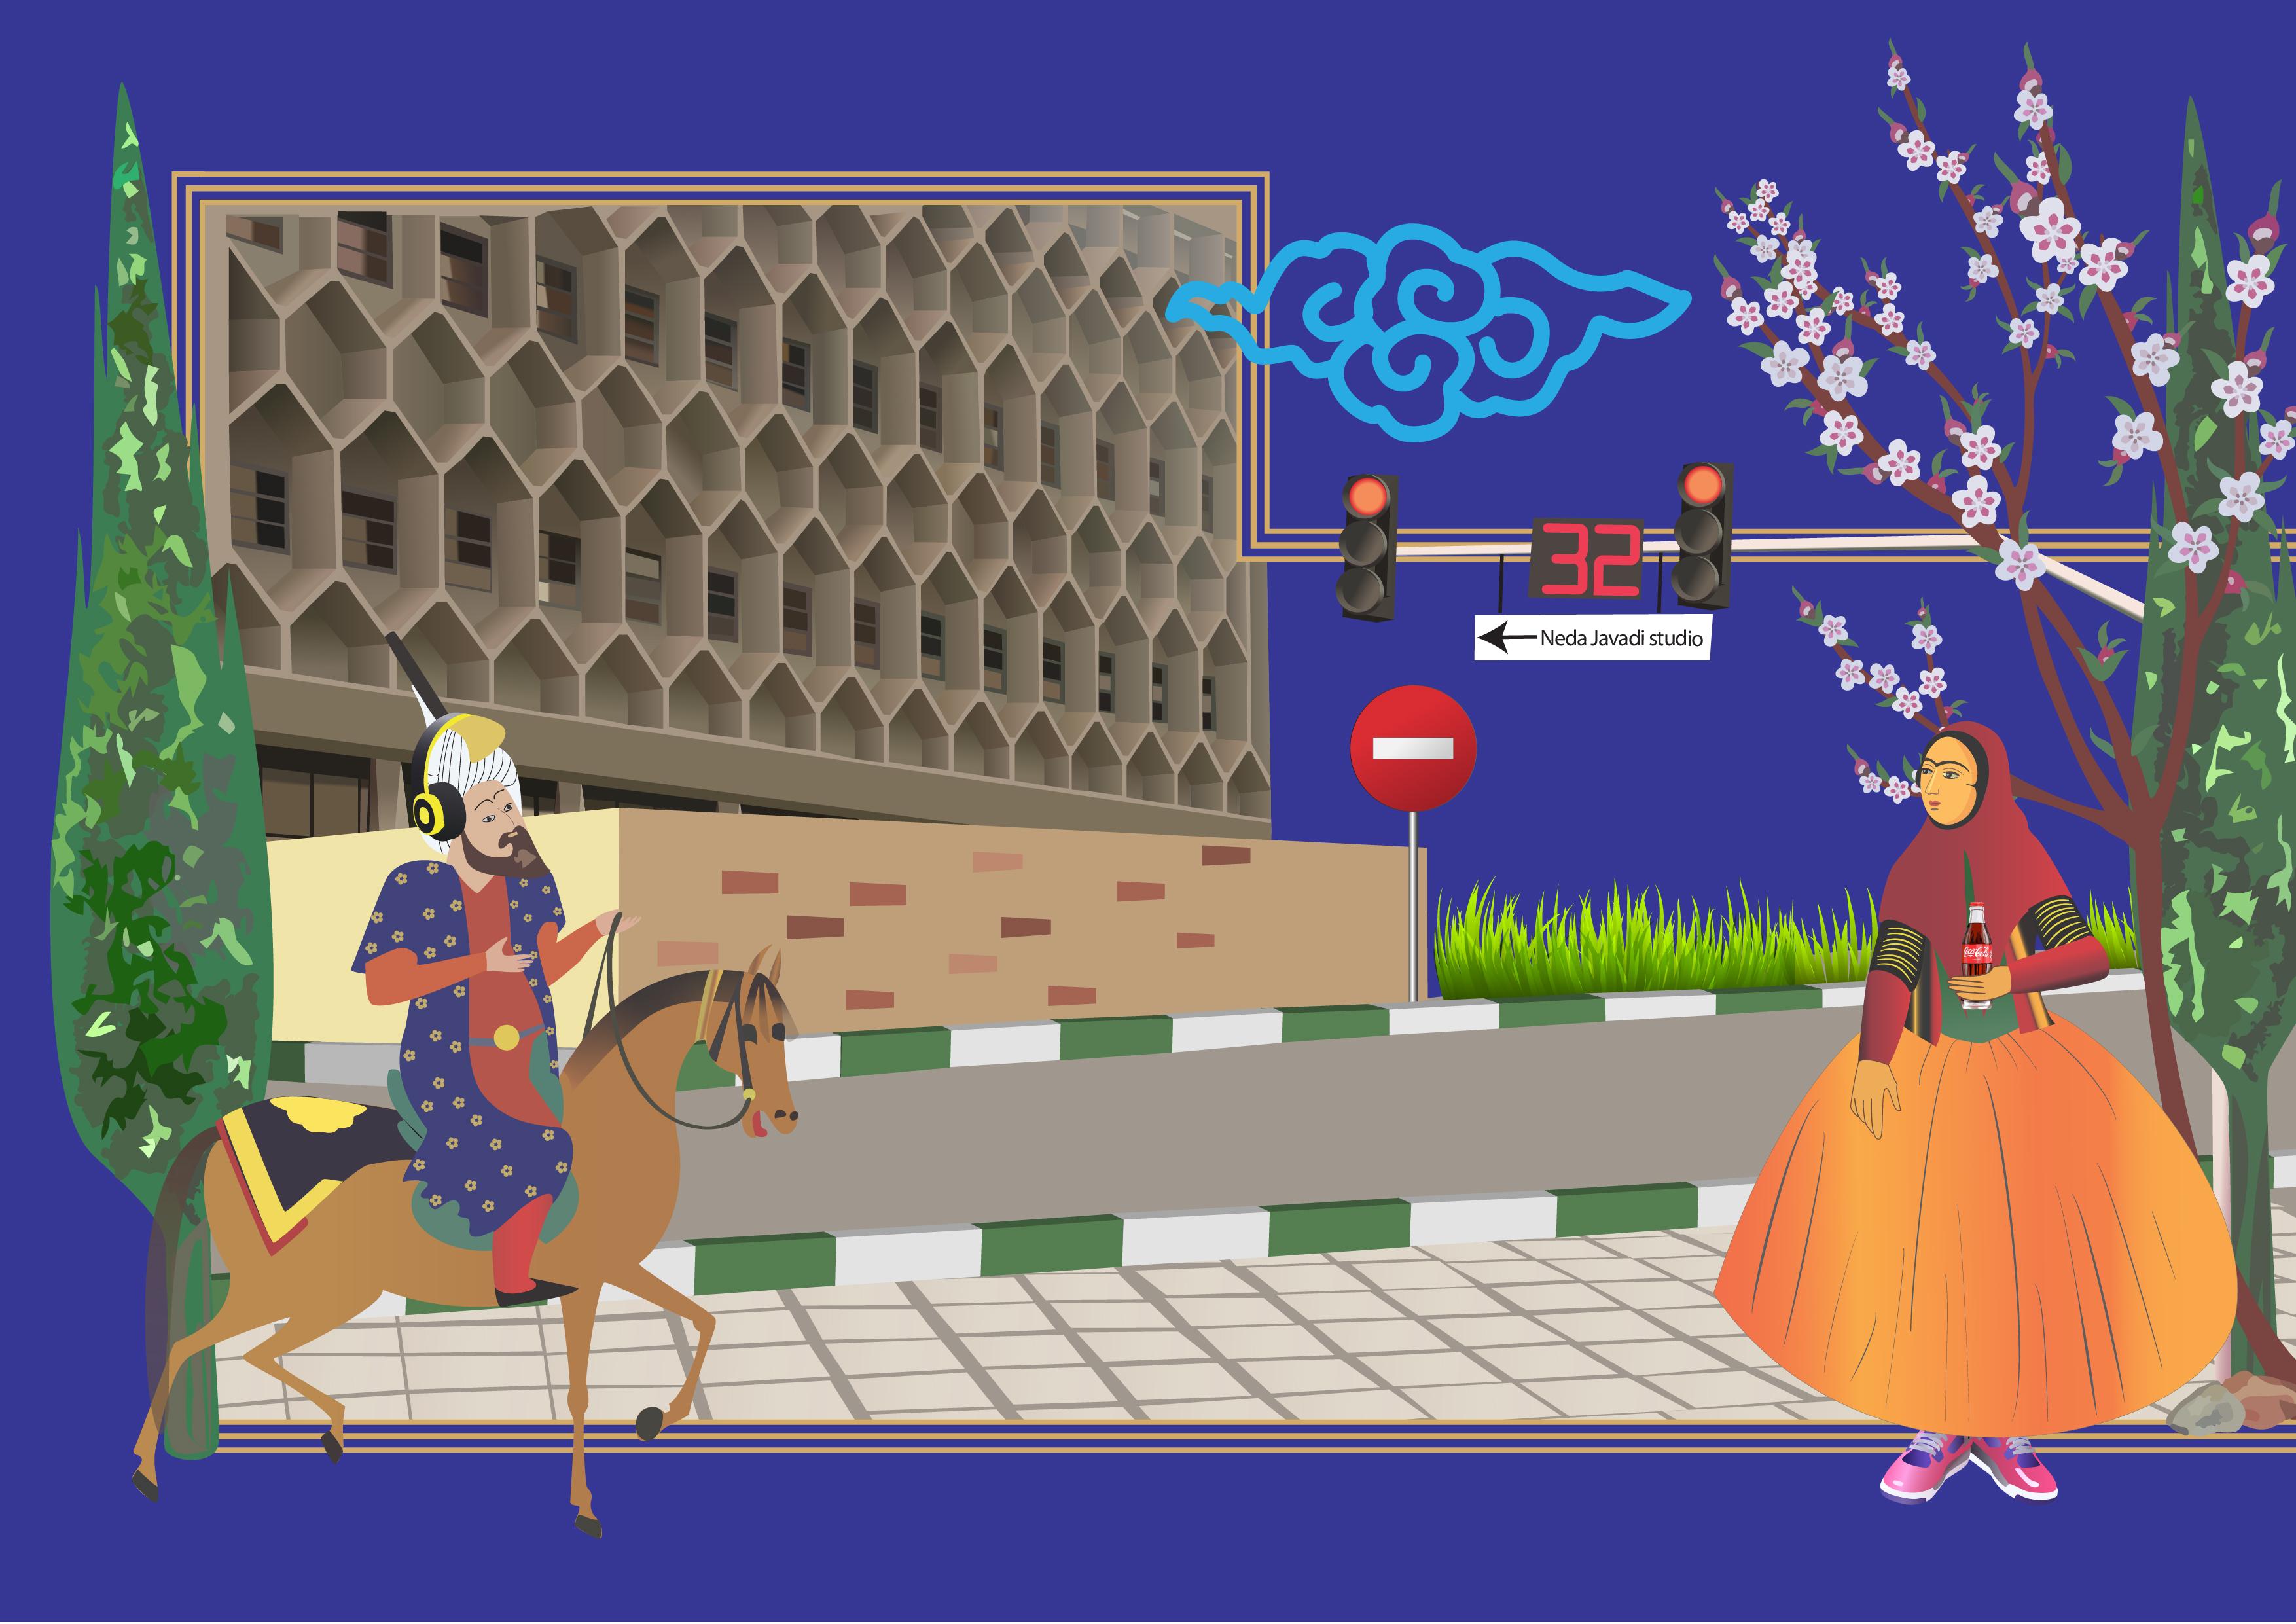 تصویرسازی شیرین و فرهاد در تهران